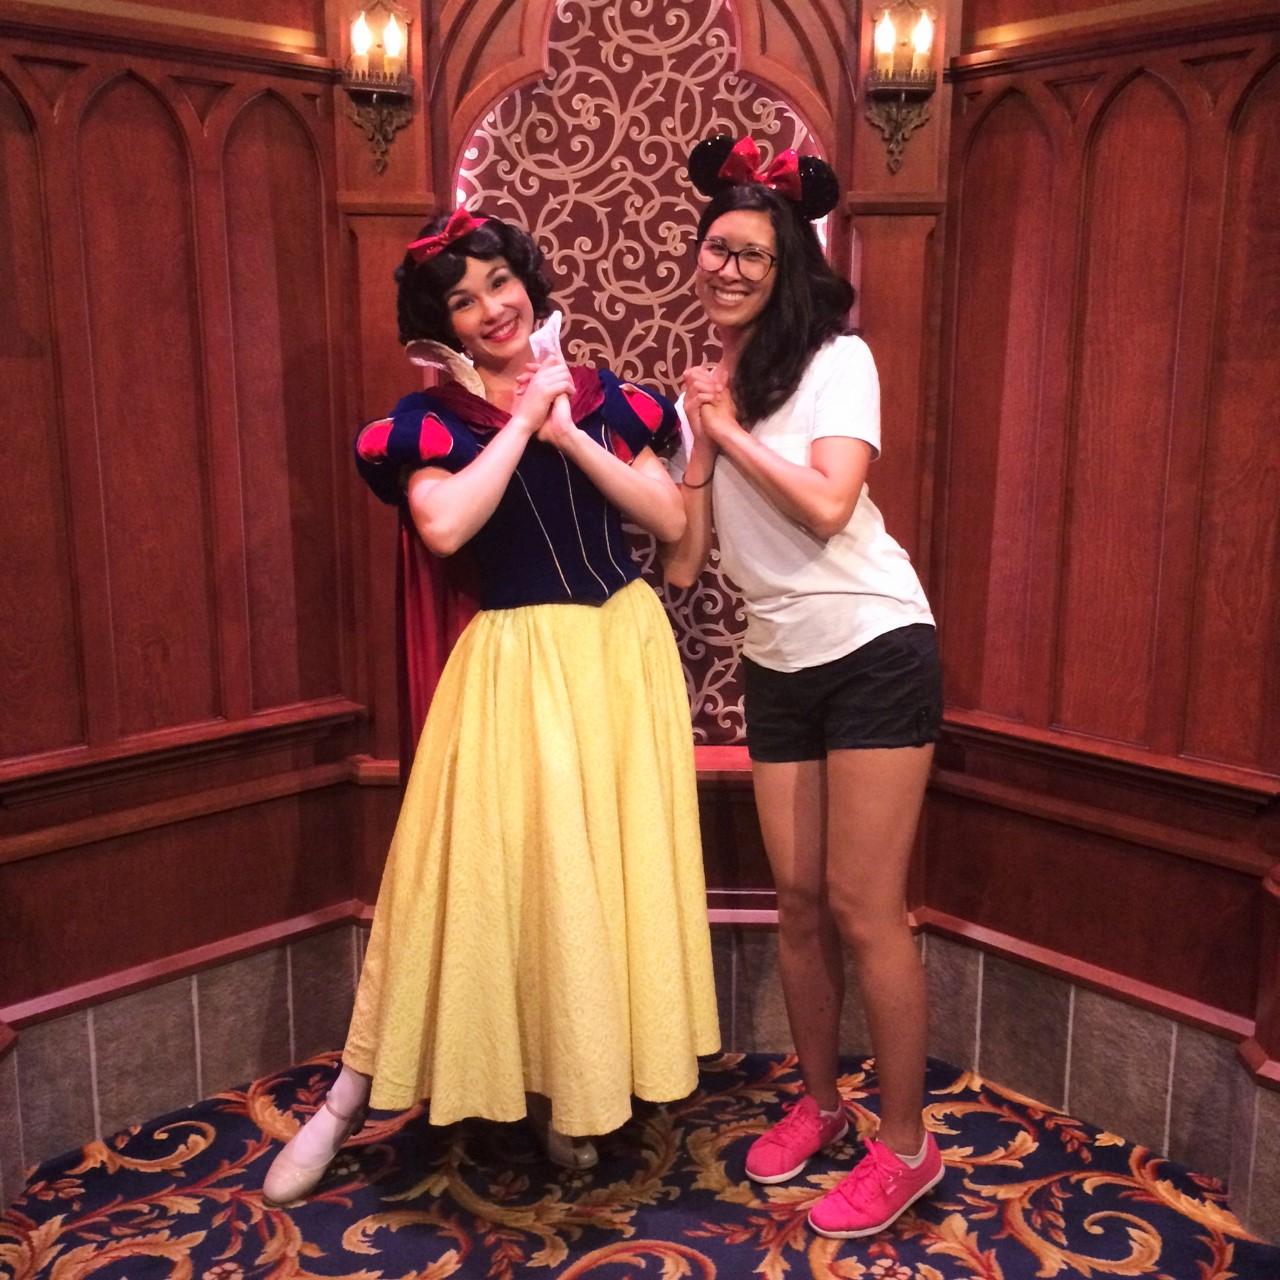 Meeting Snow White at Disneyland